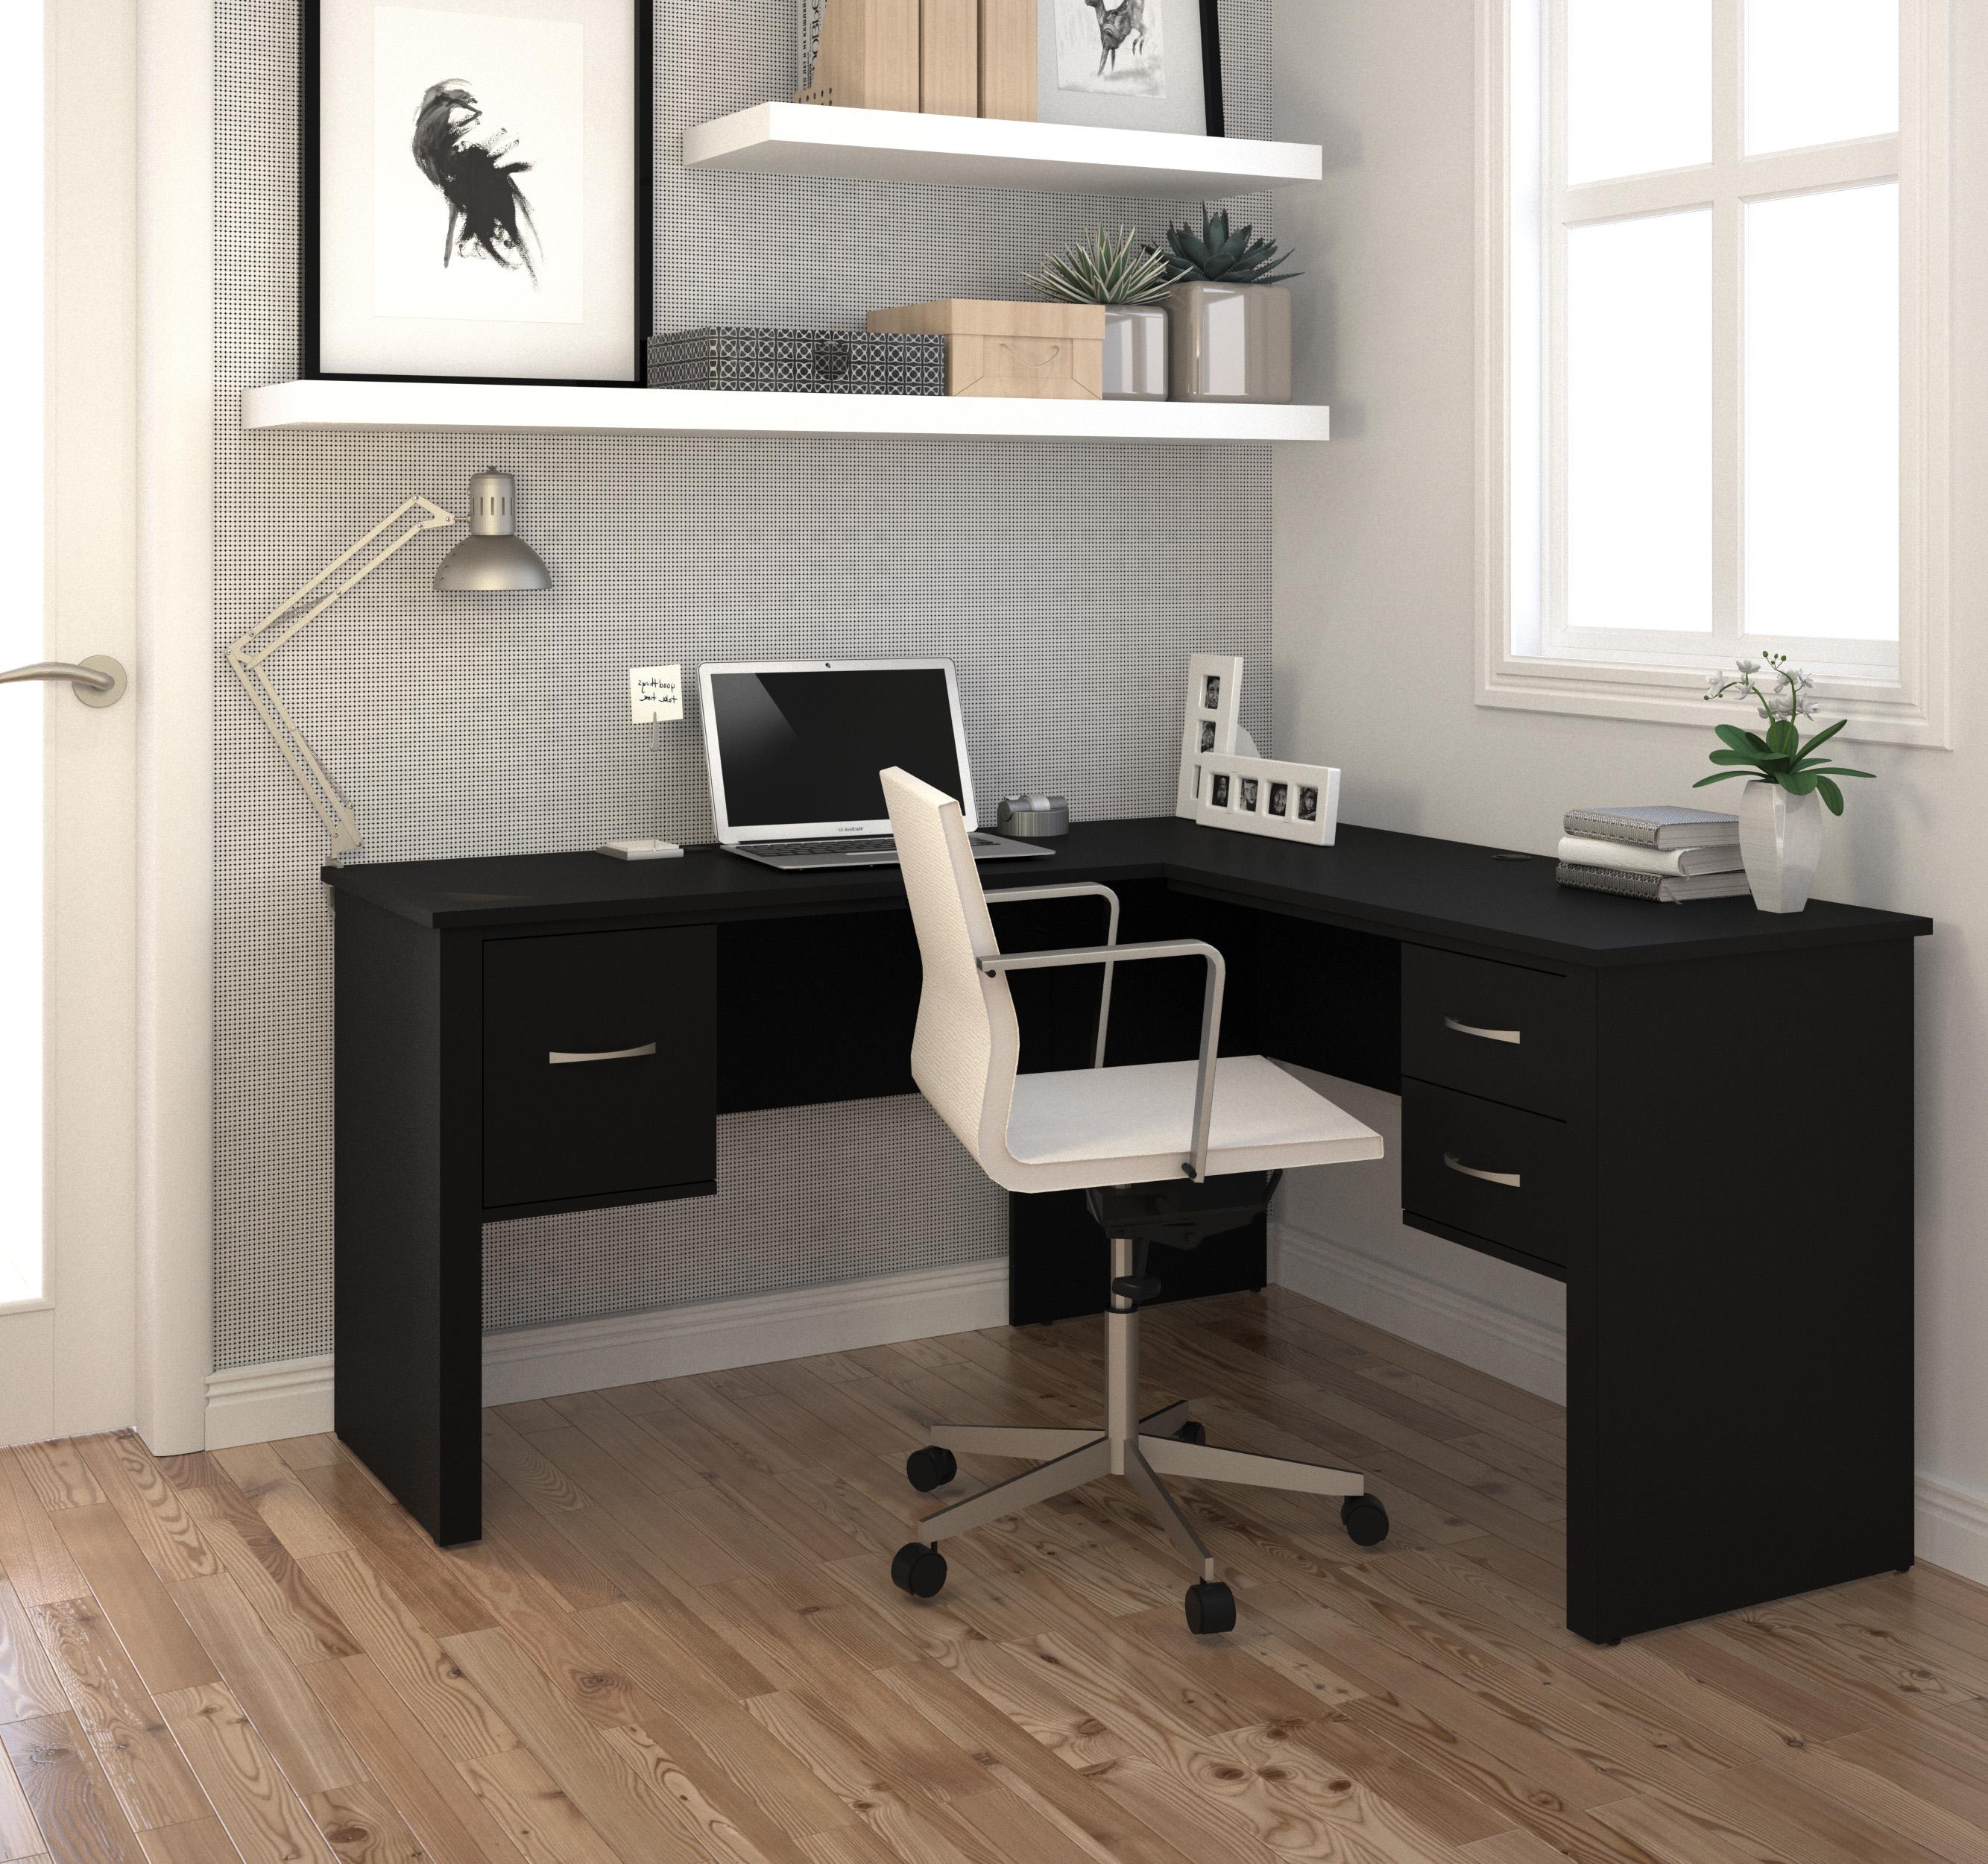 bestar somerville black l shaped desk somerville collection 5 reviews. Black Bedroom Furniture Sets. Home Design Ideas